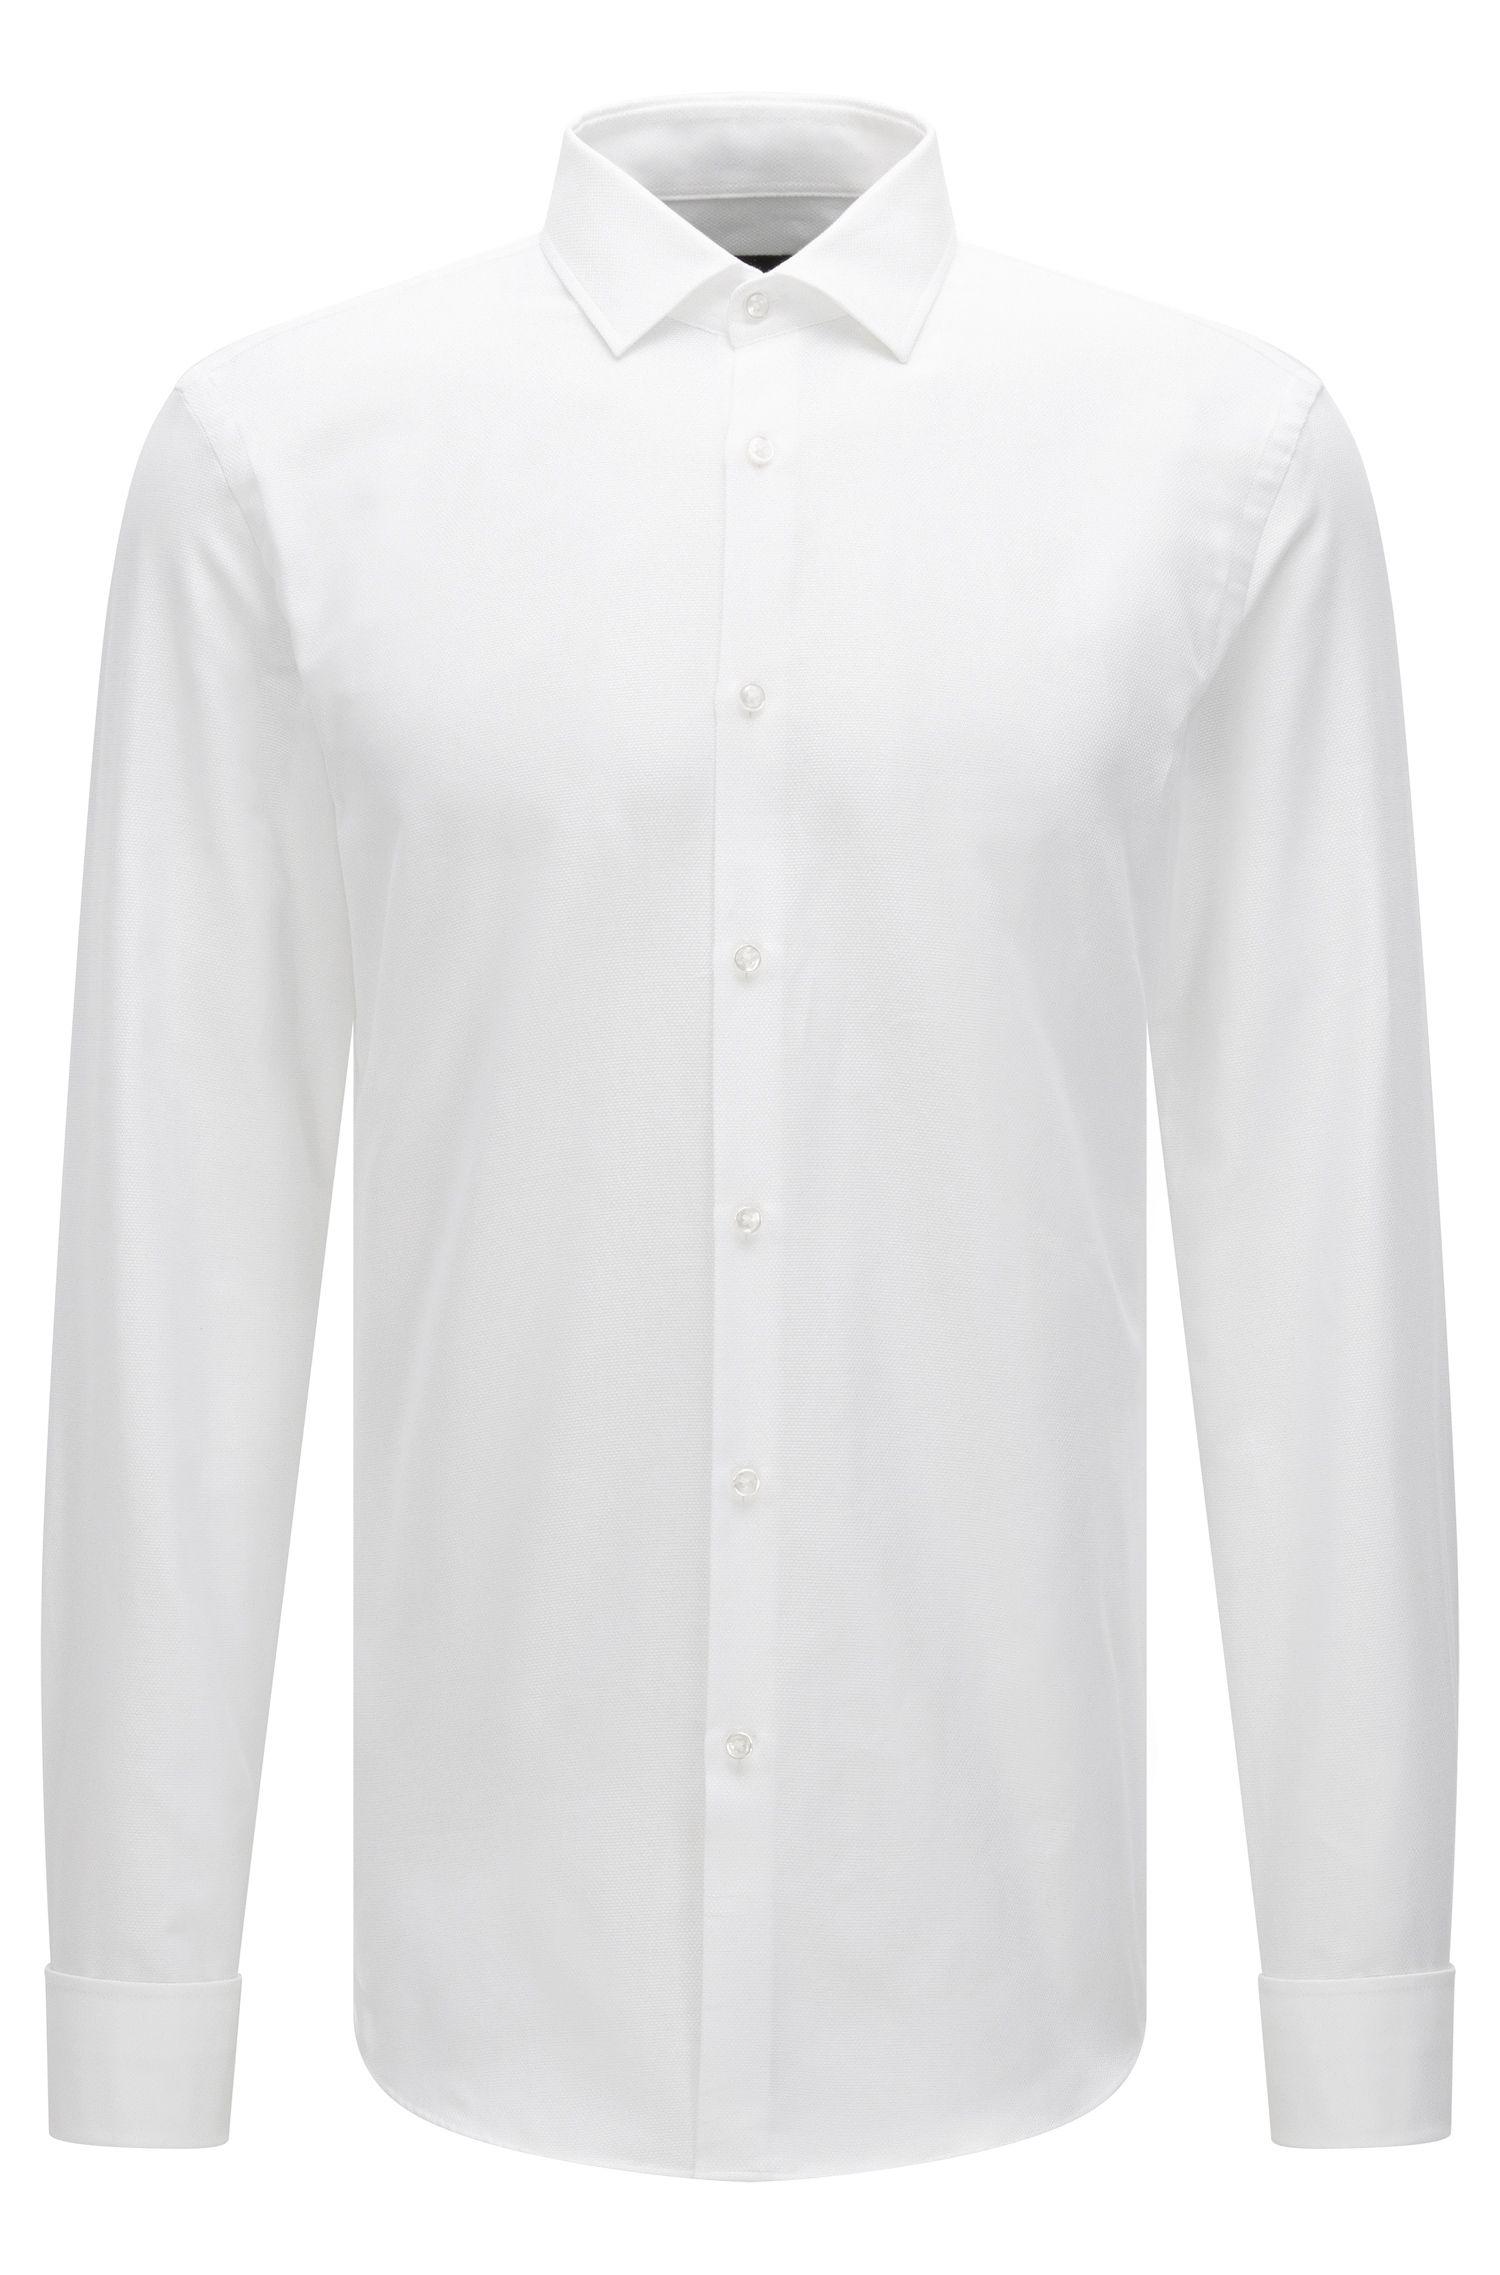 Camicia slim fit in cotone microstrutturato con polsino doppio